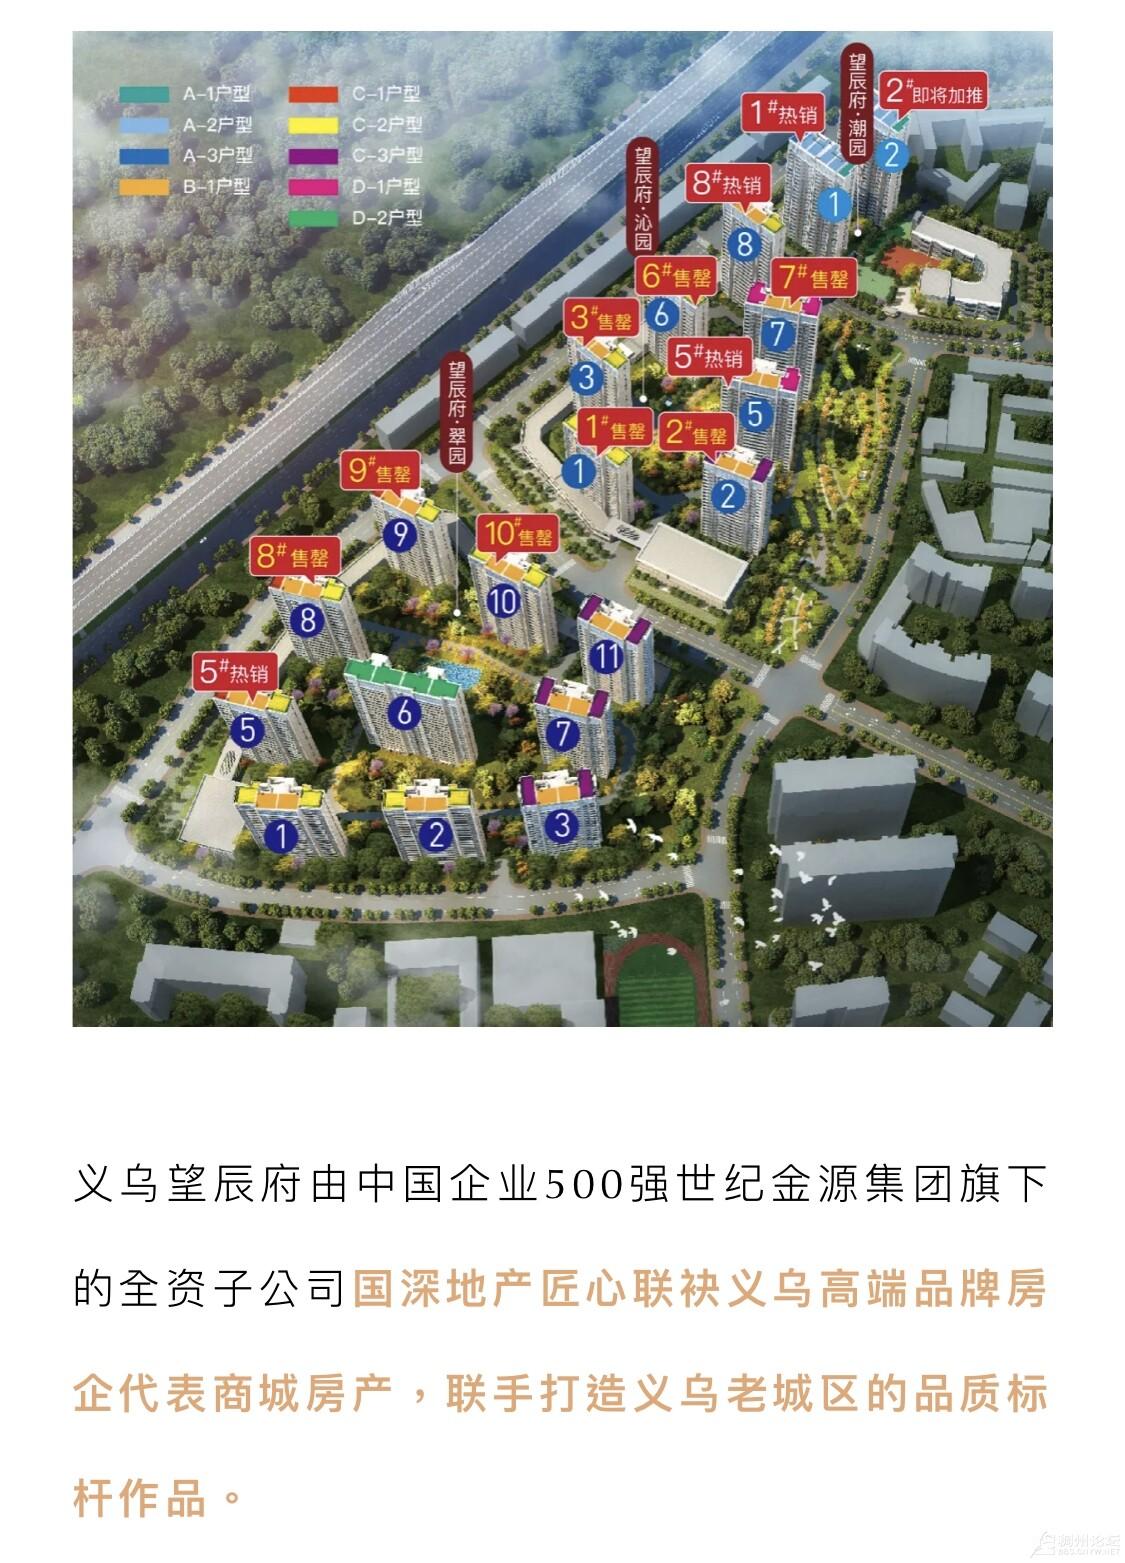 微信图片_202010131912178.jpg